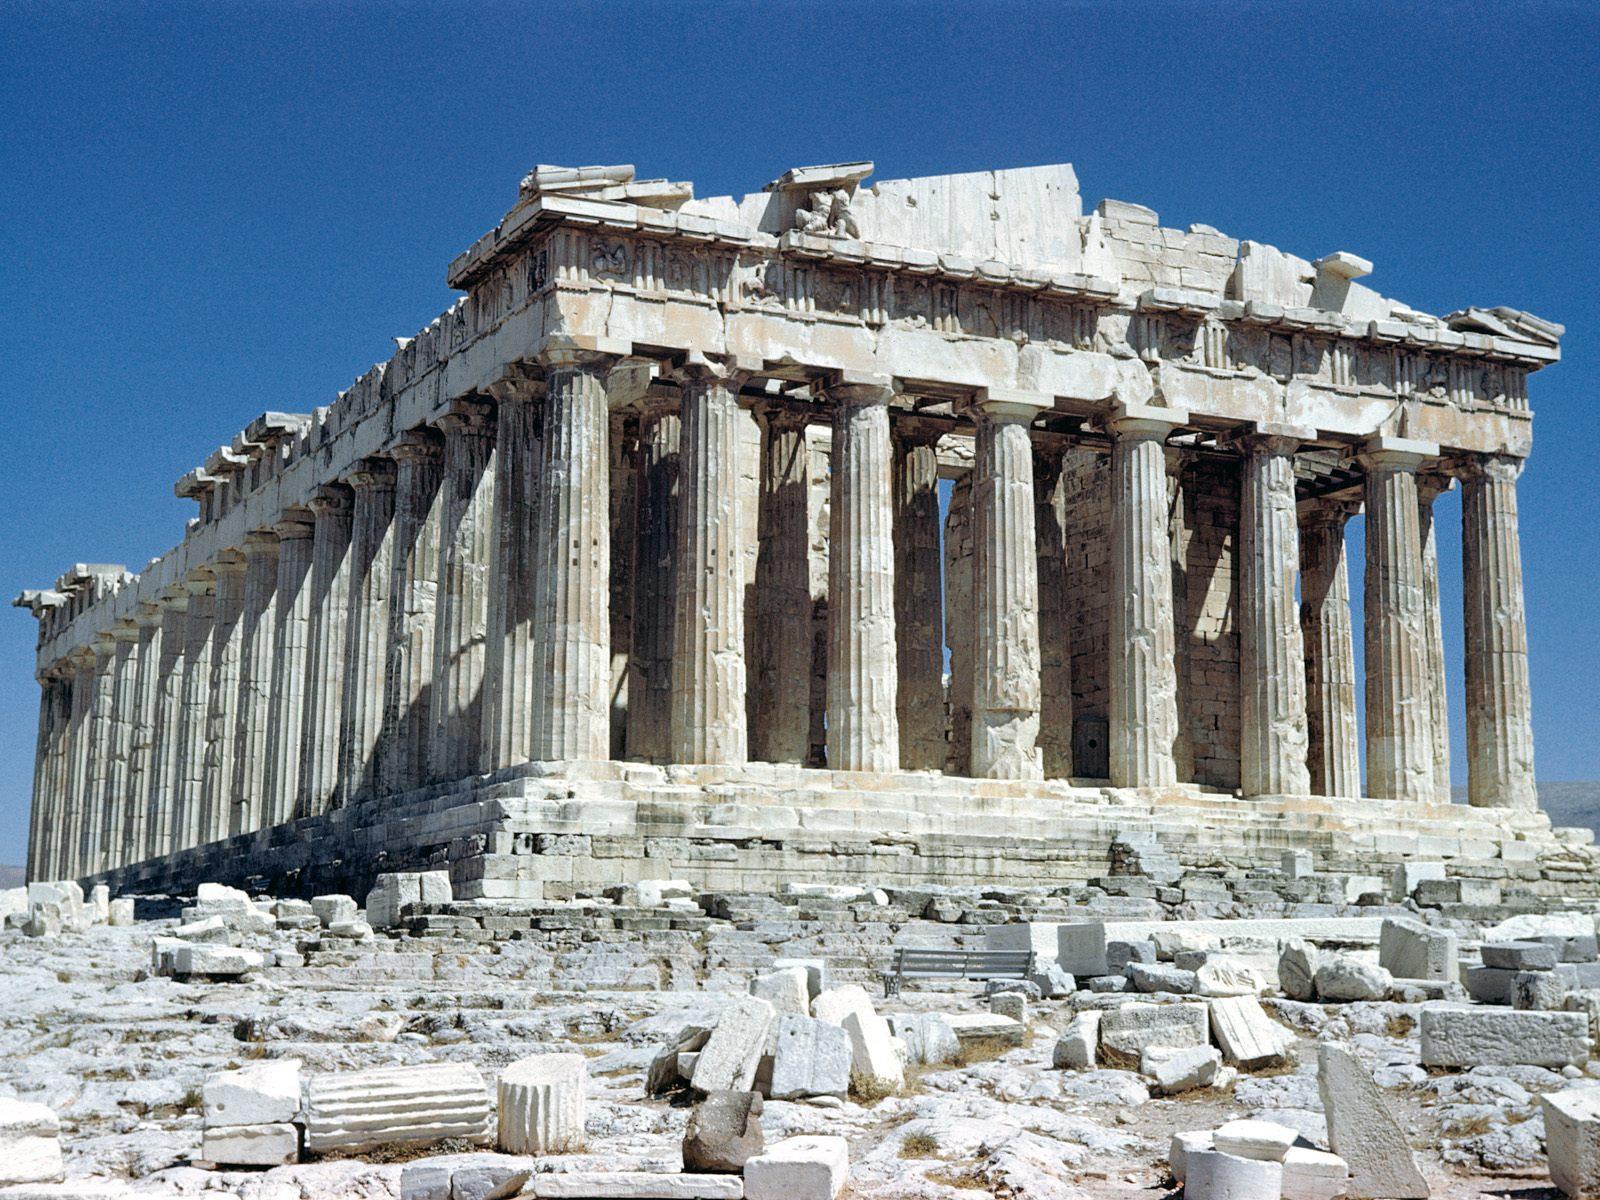 Tirocini in Grecia